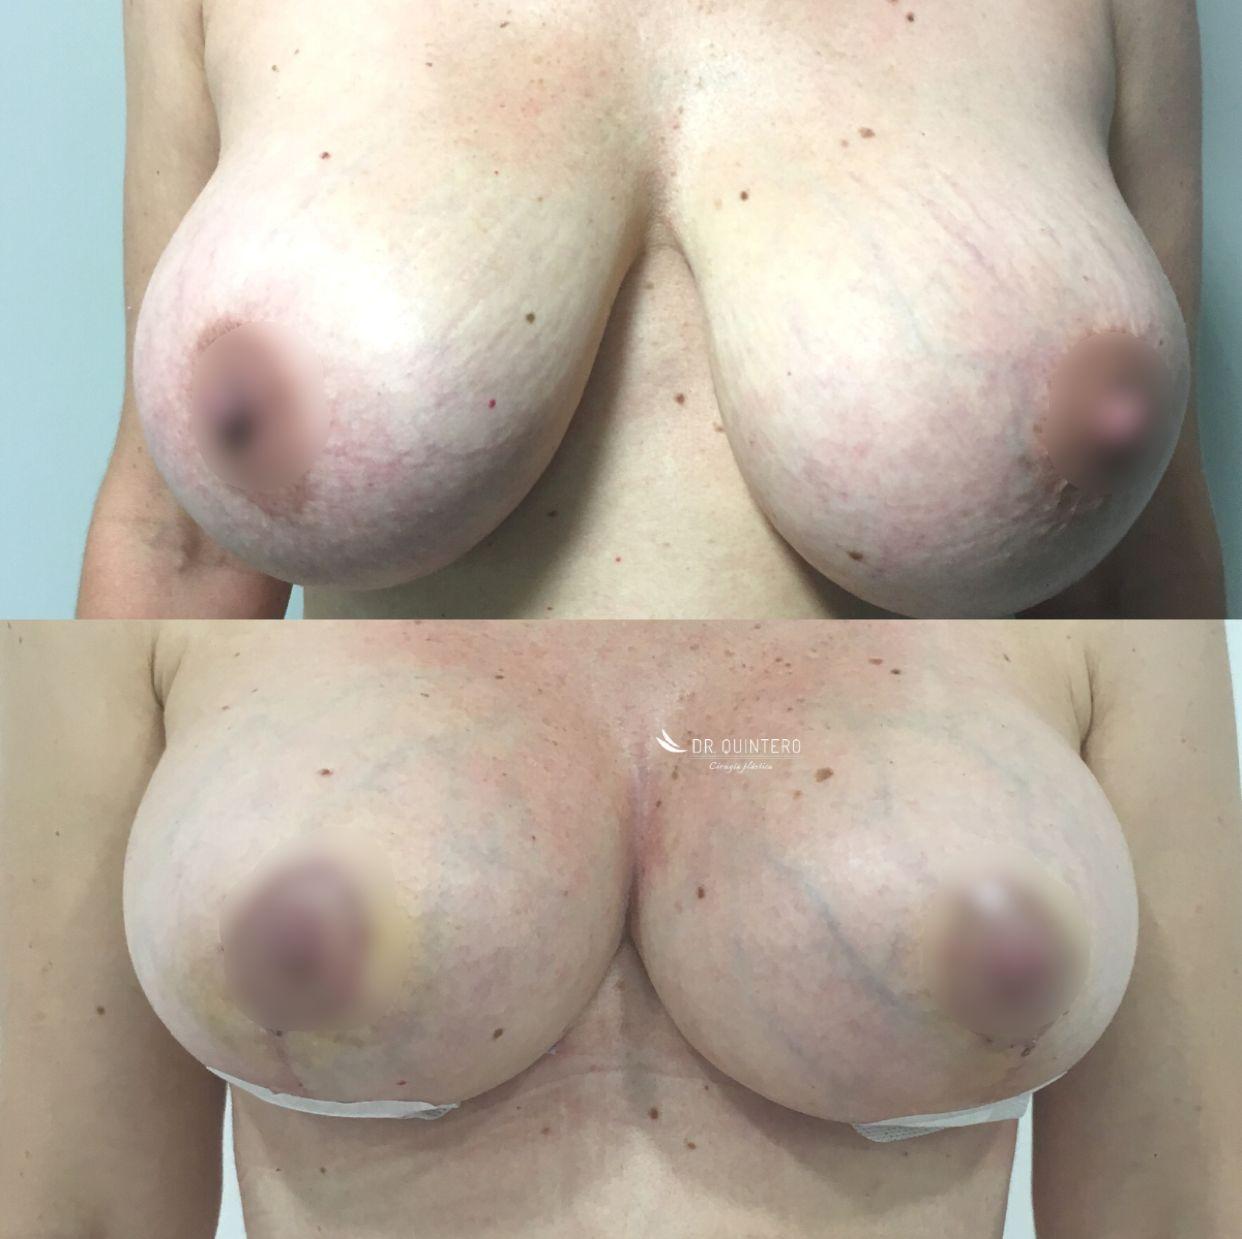 Recambio de protesis mamaria